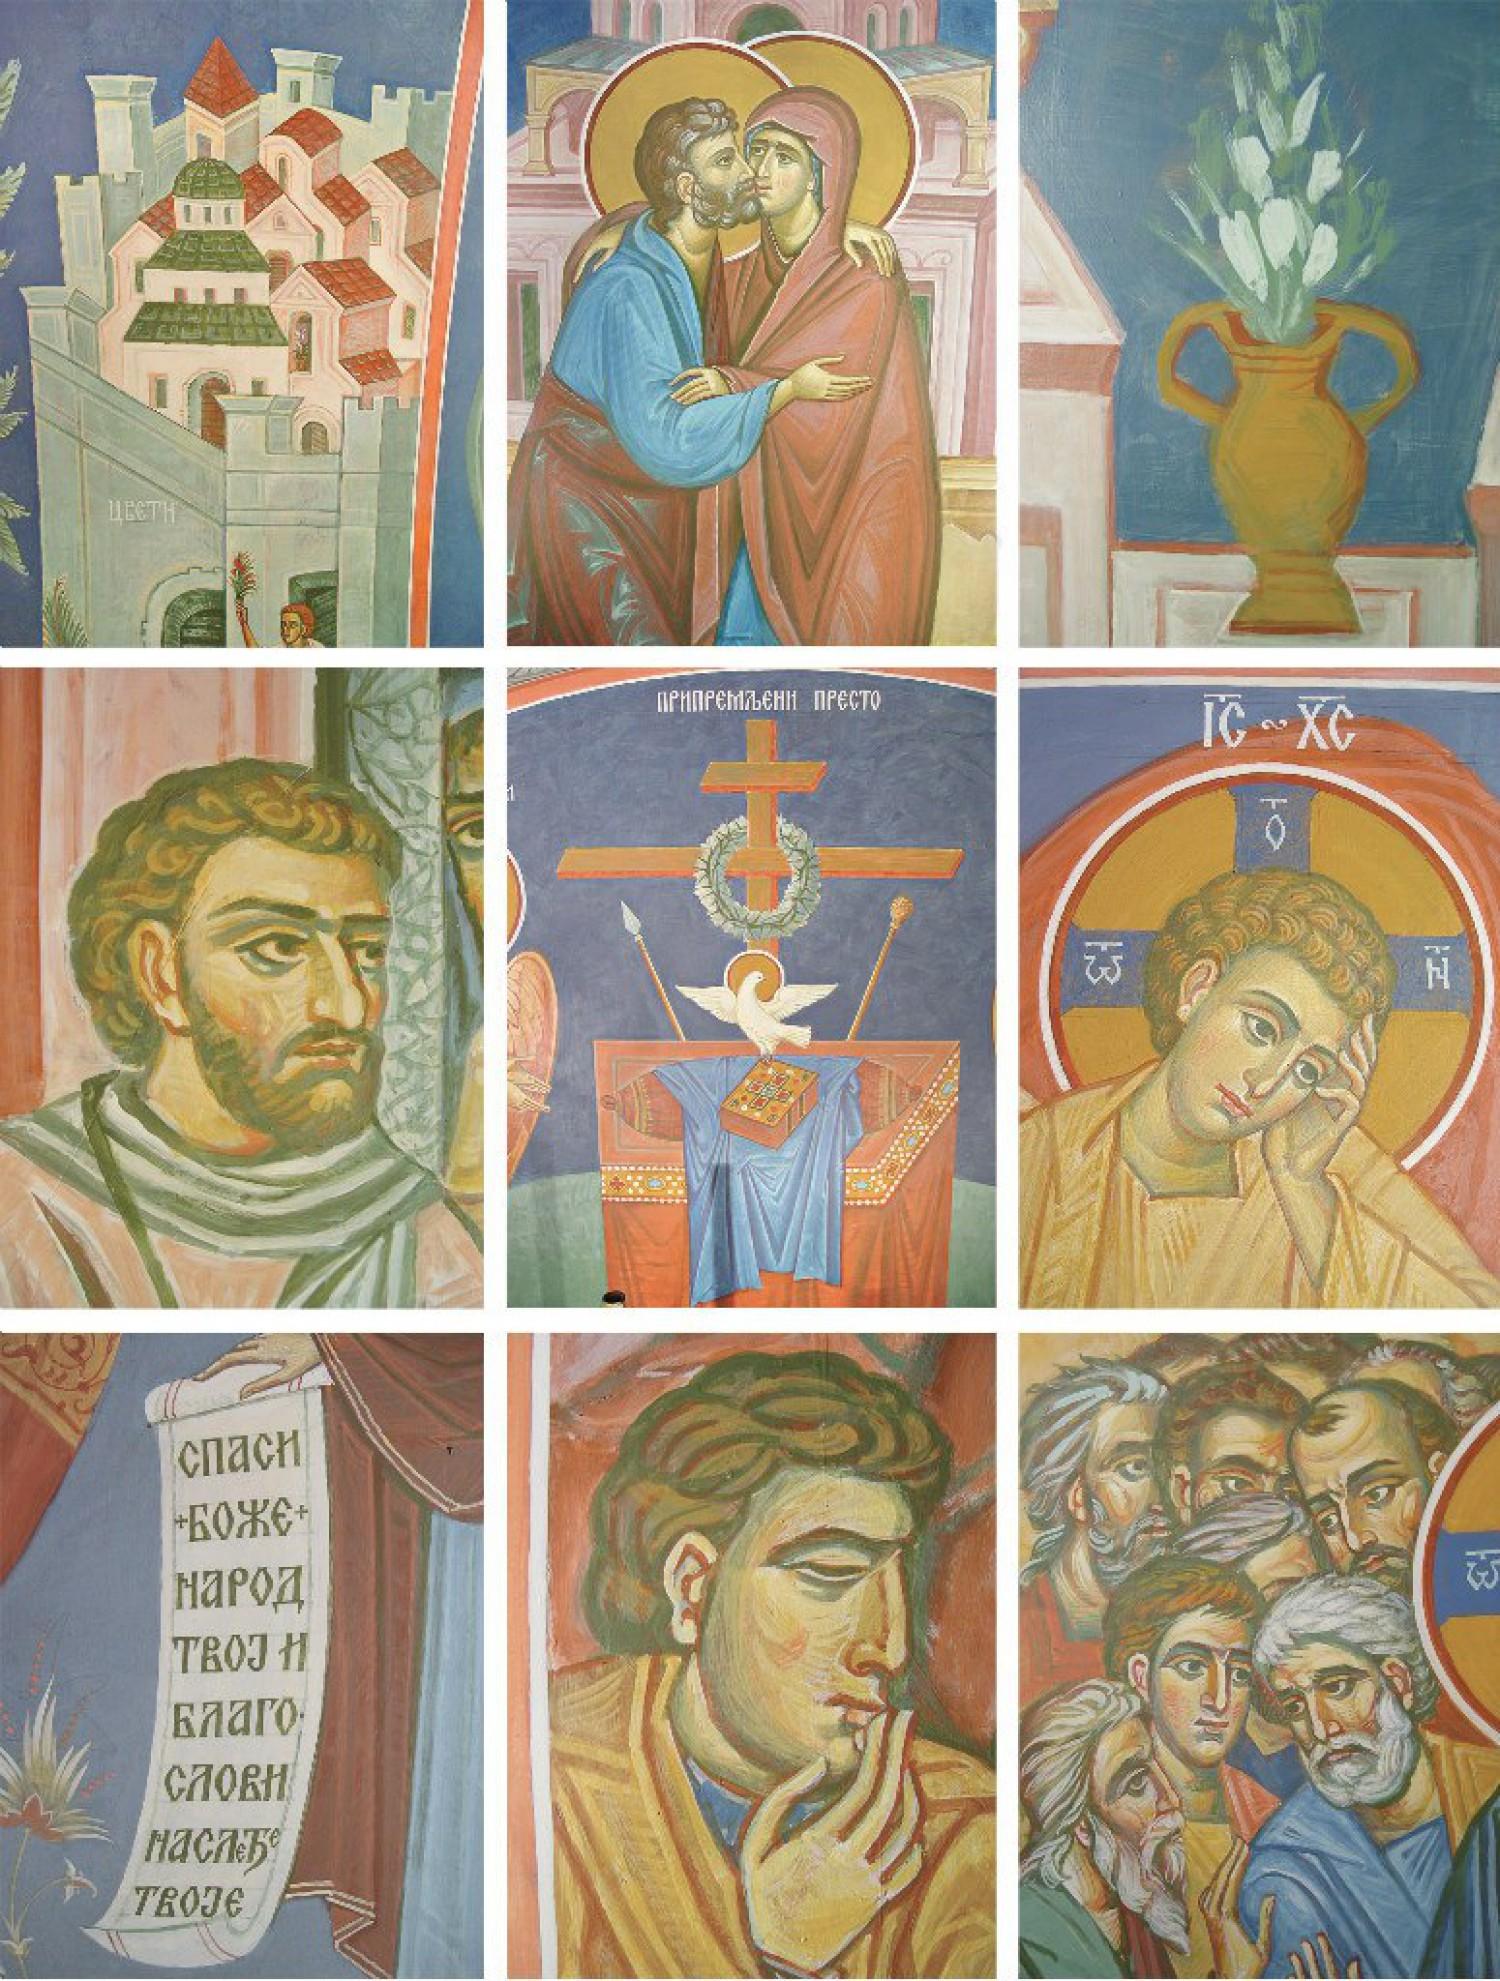 Н.А.Мухин. Фрагменты росписей Вознесенской церкви (г. Уб, Сербия. 2002 - 2005)